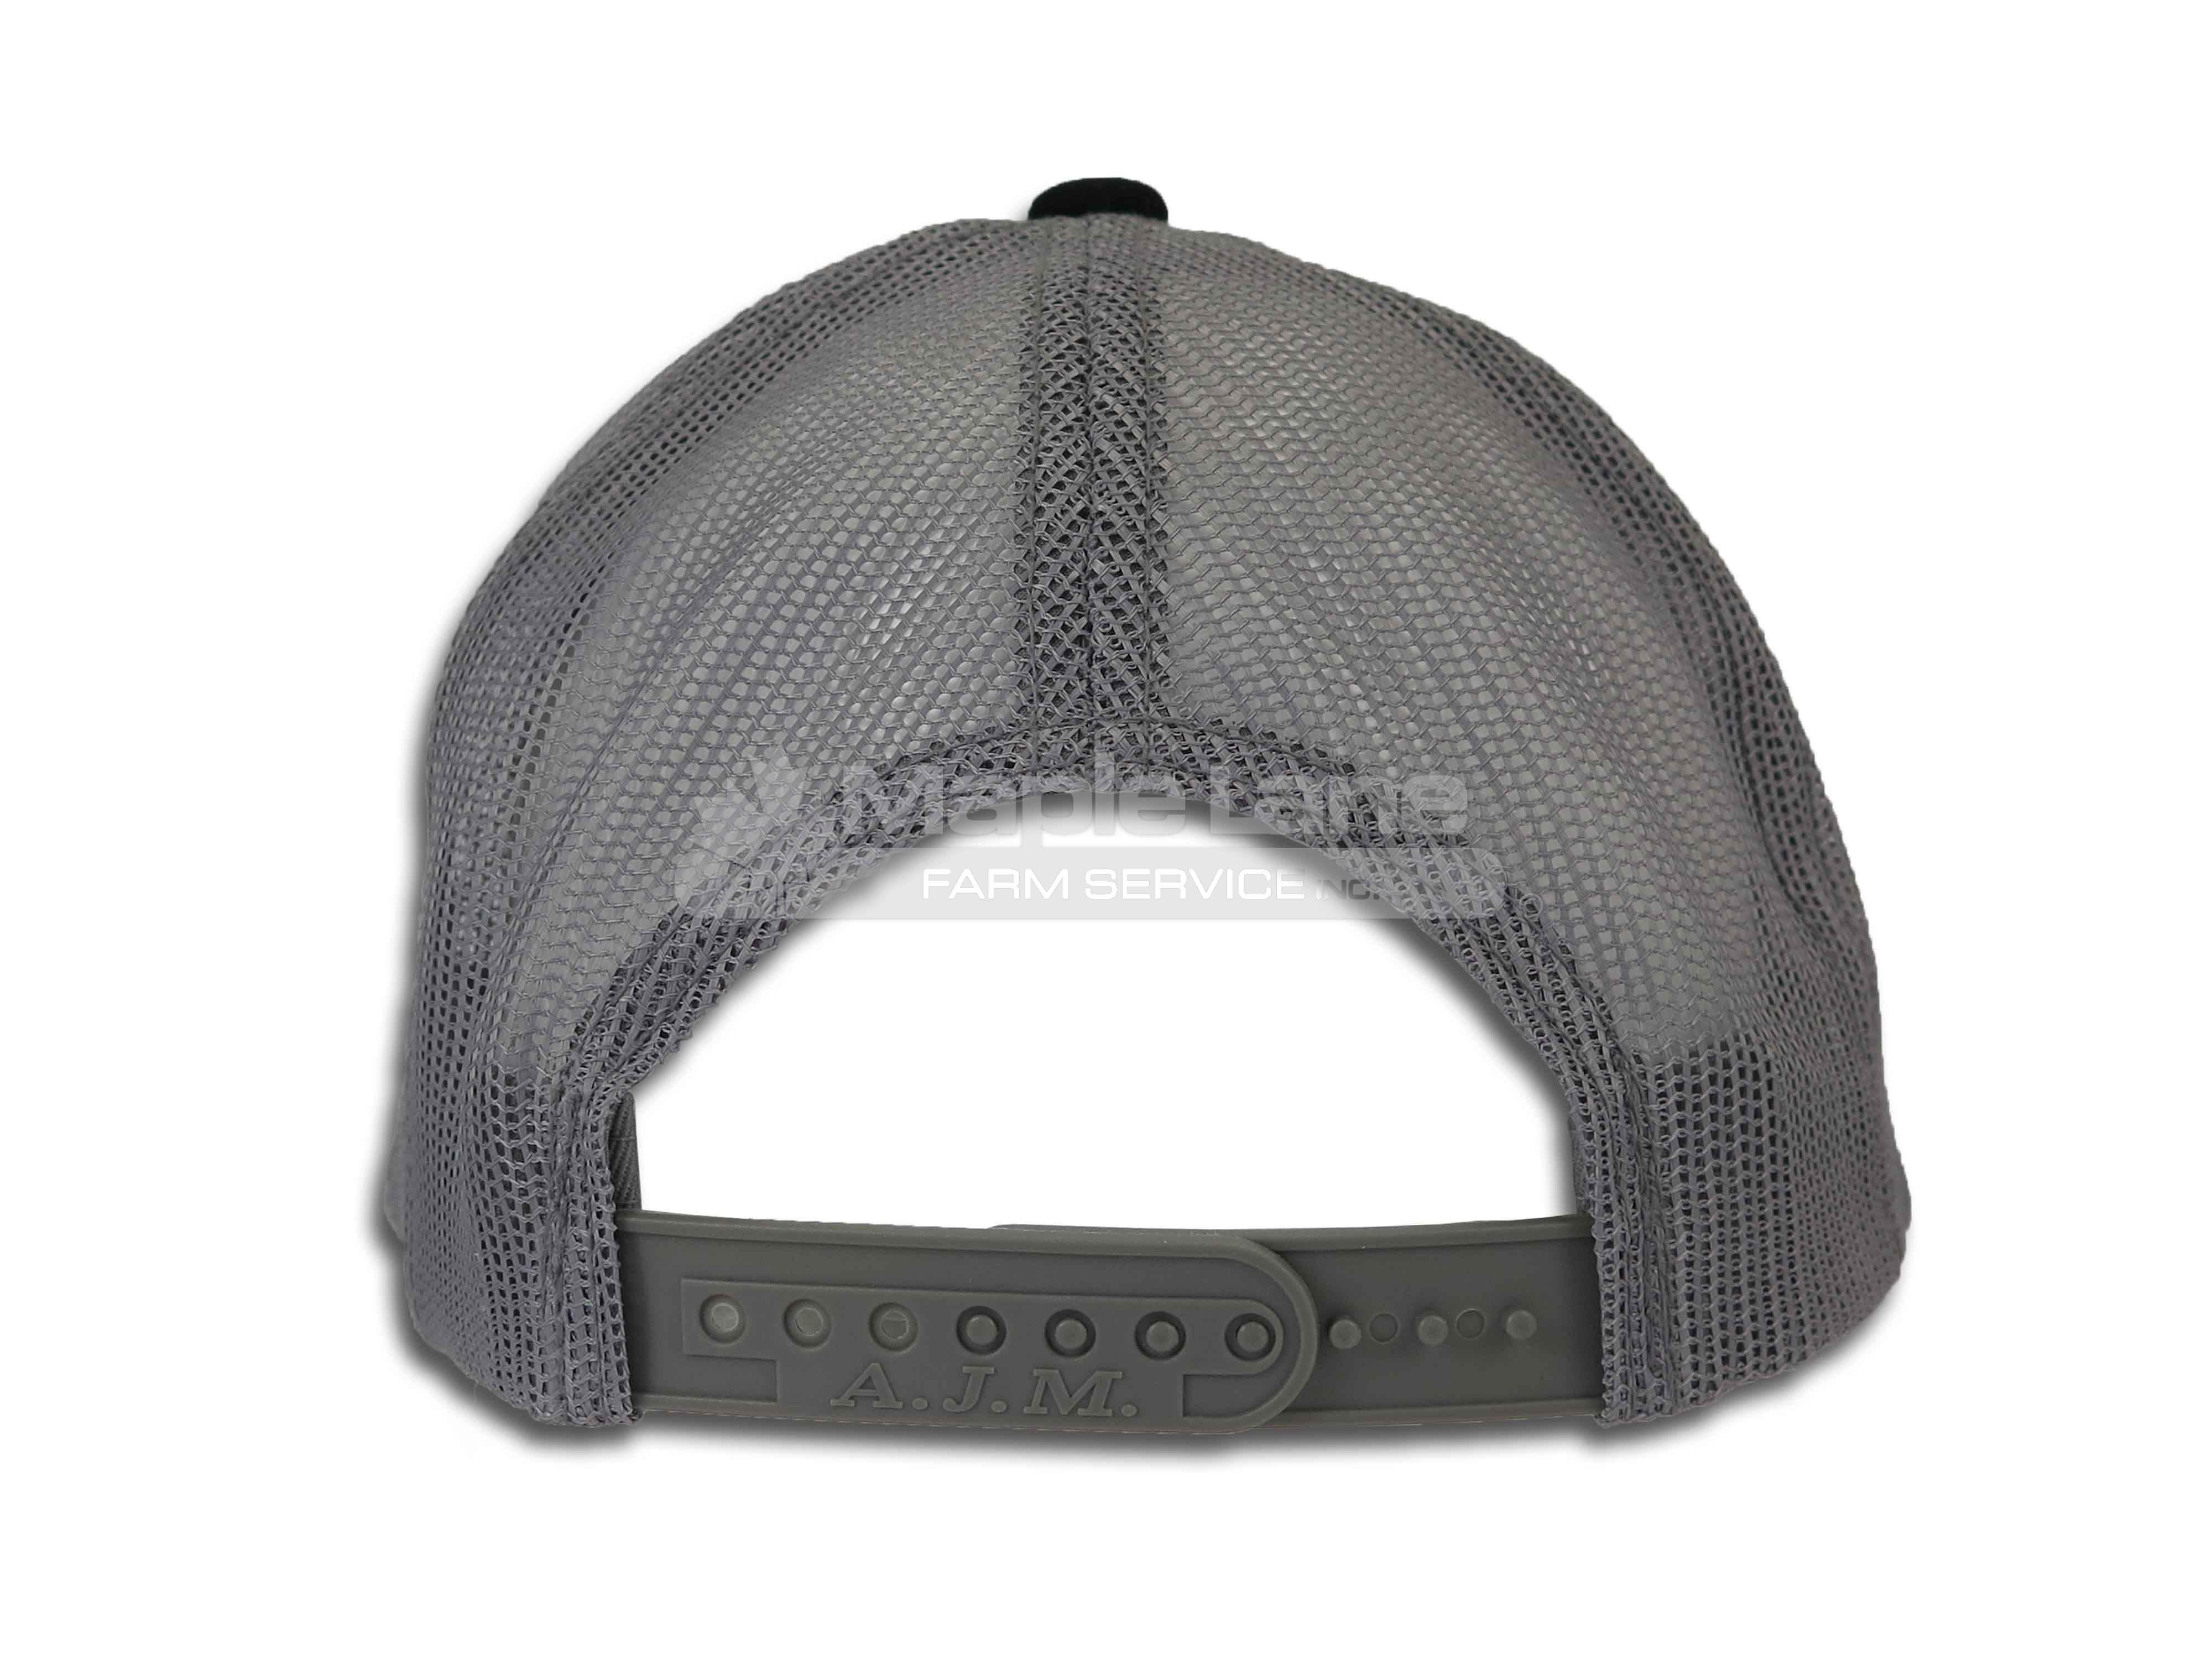 fendt grey mesh hat